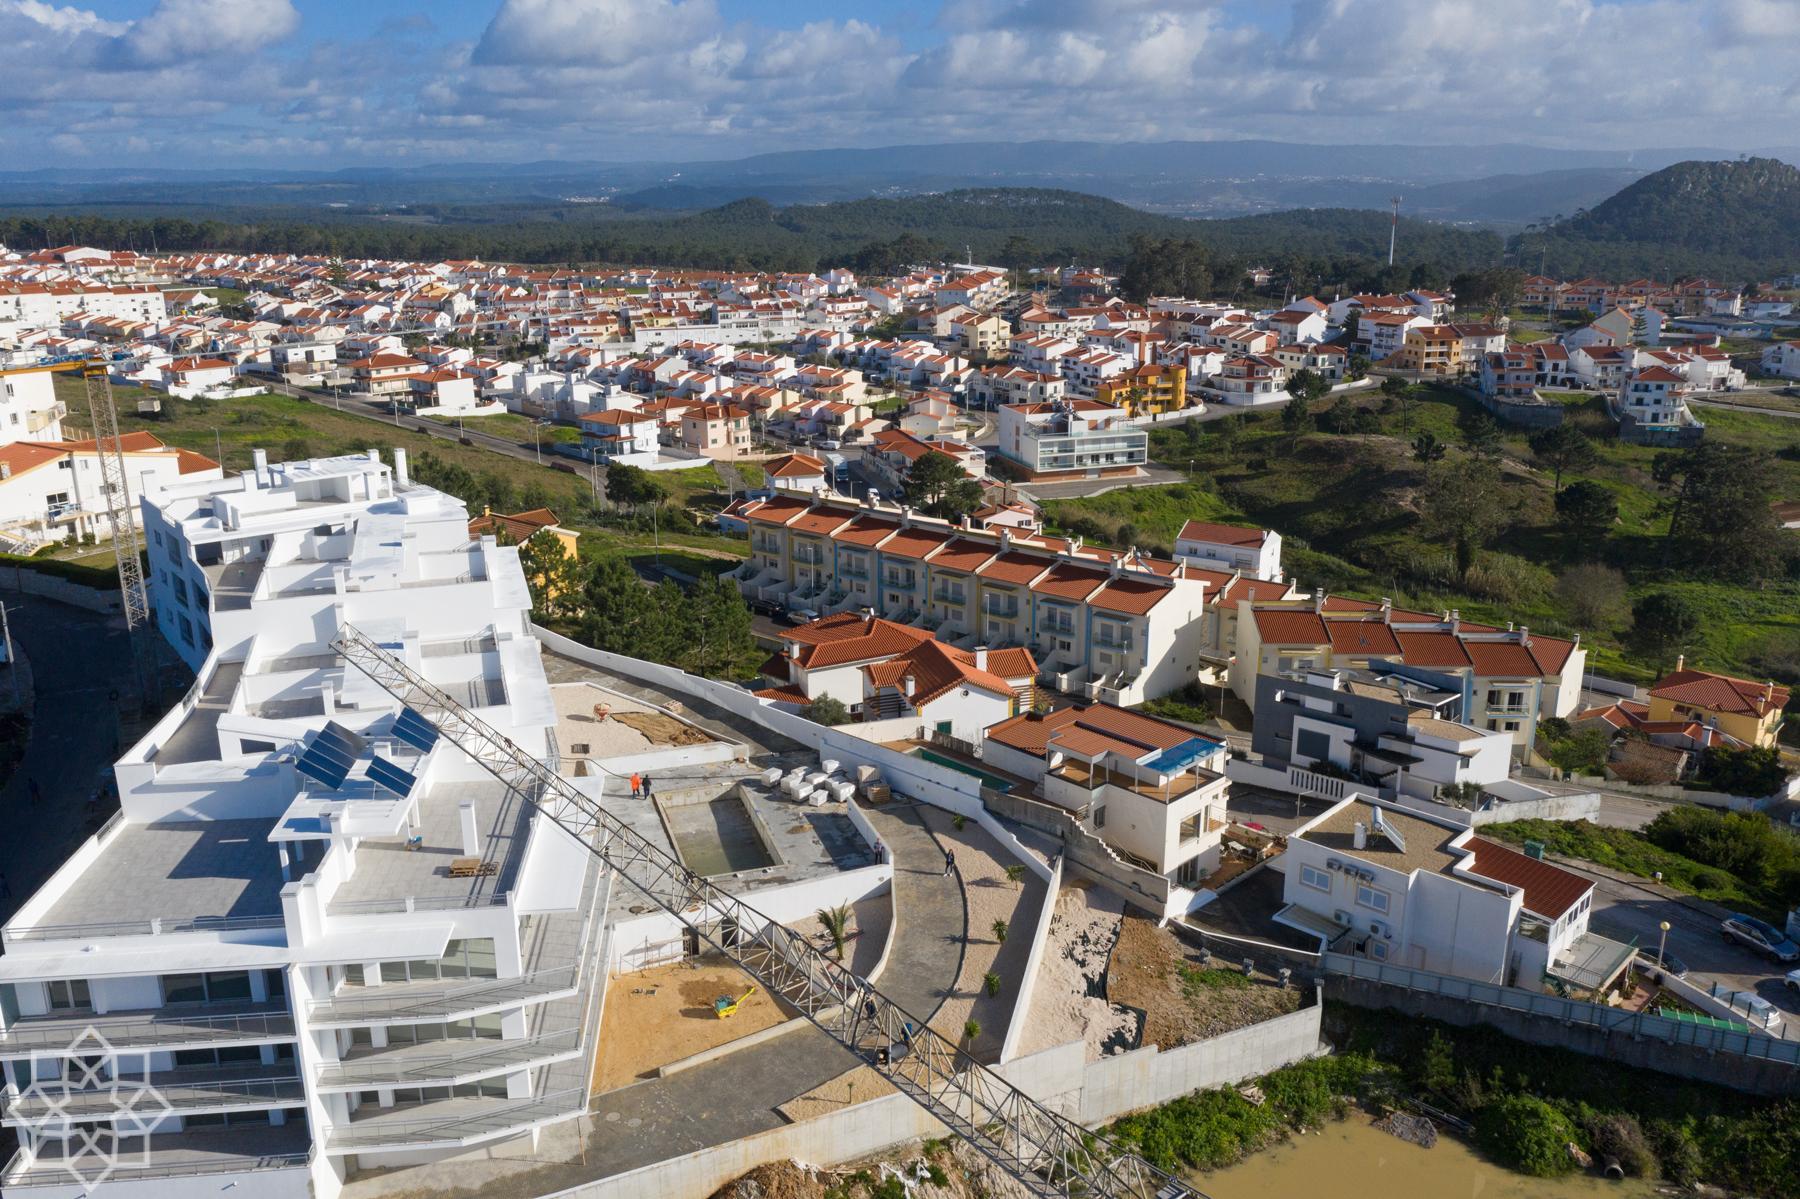 Här ses de fyra huskropparna från väster - havssidan. Lägenheterna vi beskriver här ligger i block 2 sett från kameran.